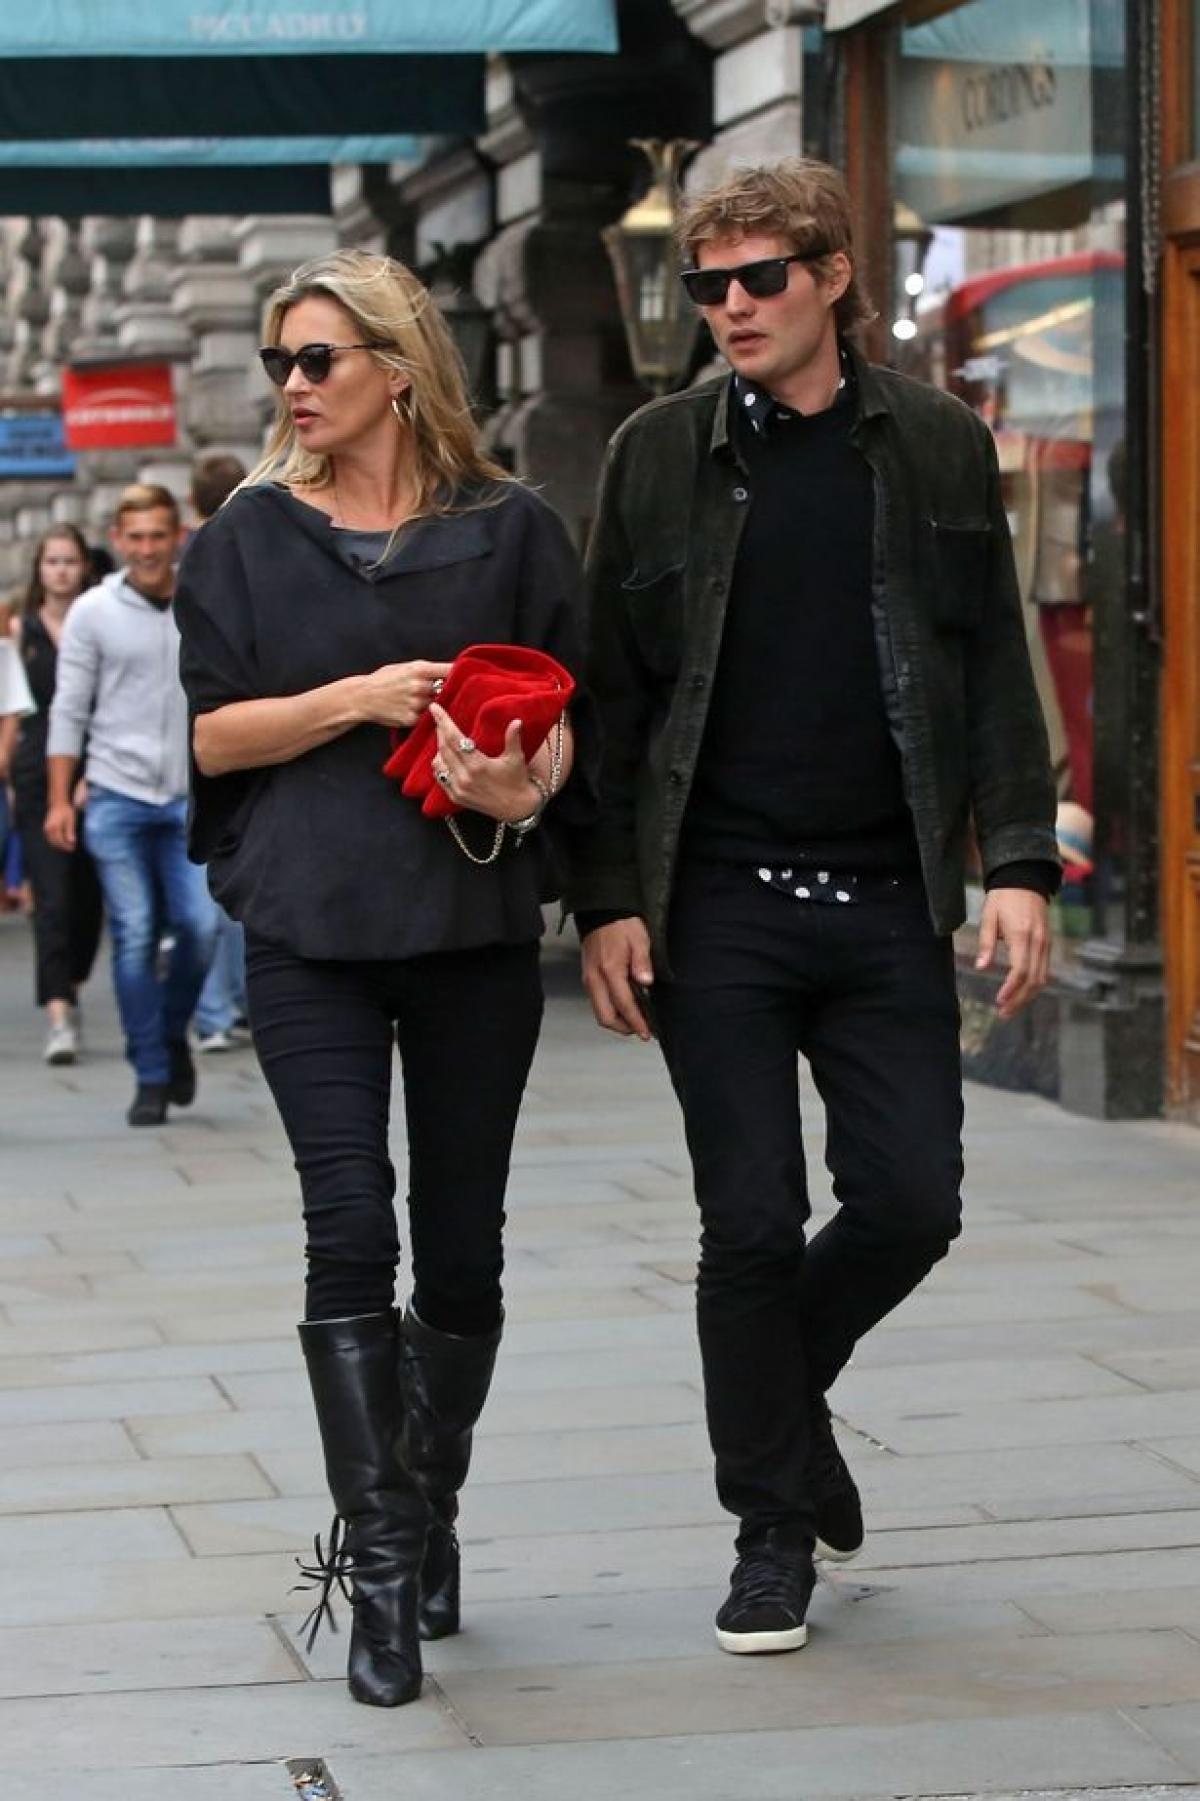 Cựu mẫu lừng danh Kate Moss 'hút mắt' với vẻ ngoài sành điệu ở tuổi 47 Ảnh 8